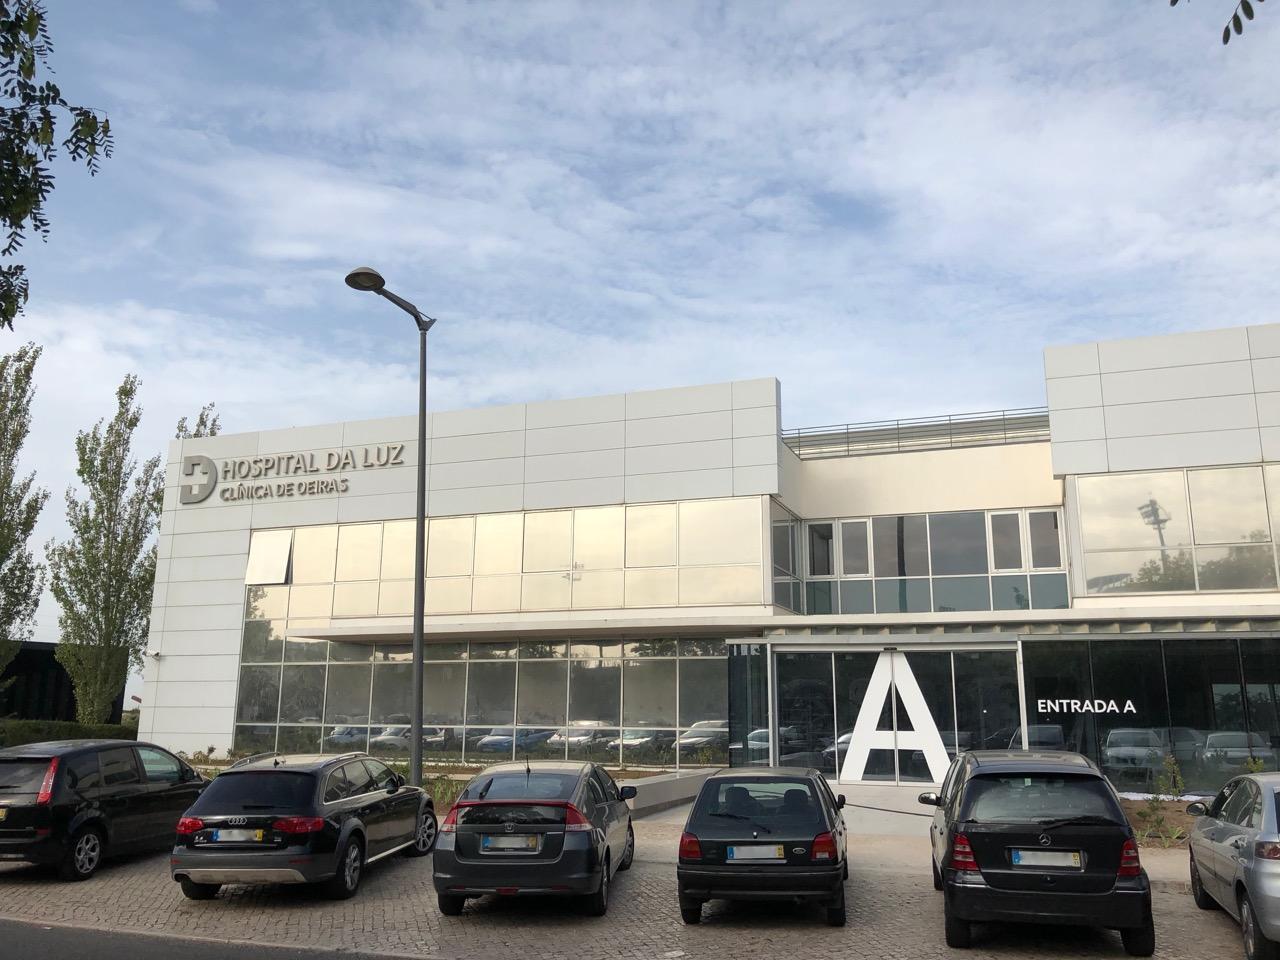 Hospital Da Luz Clínica De Oeiras